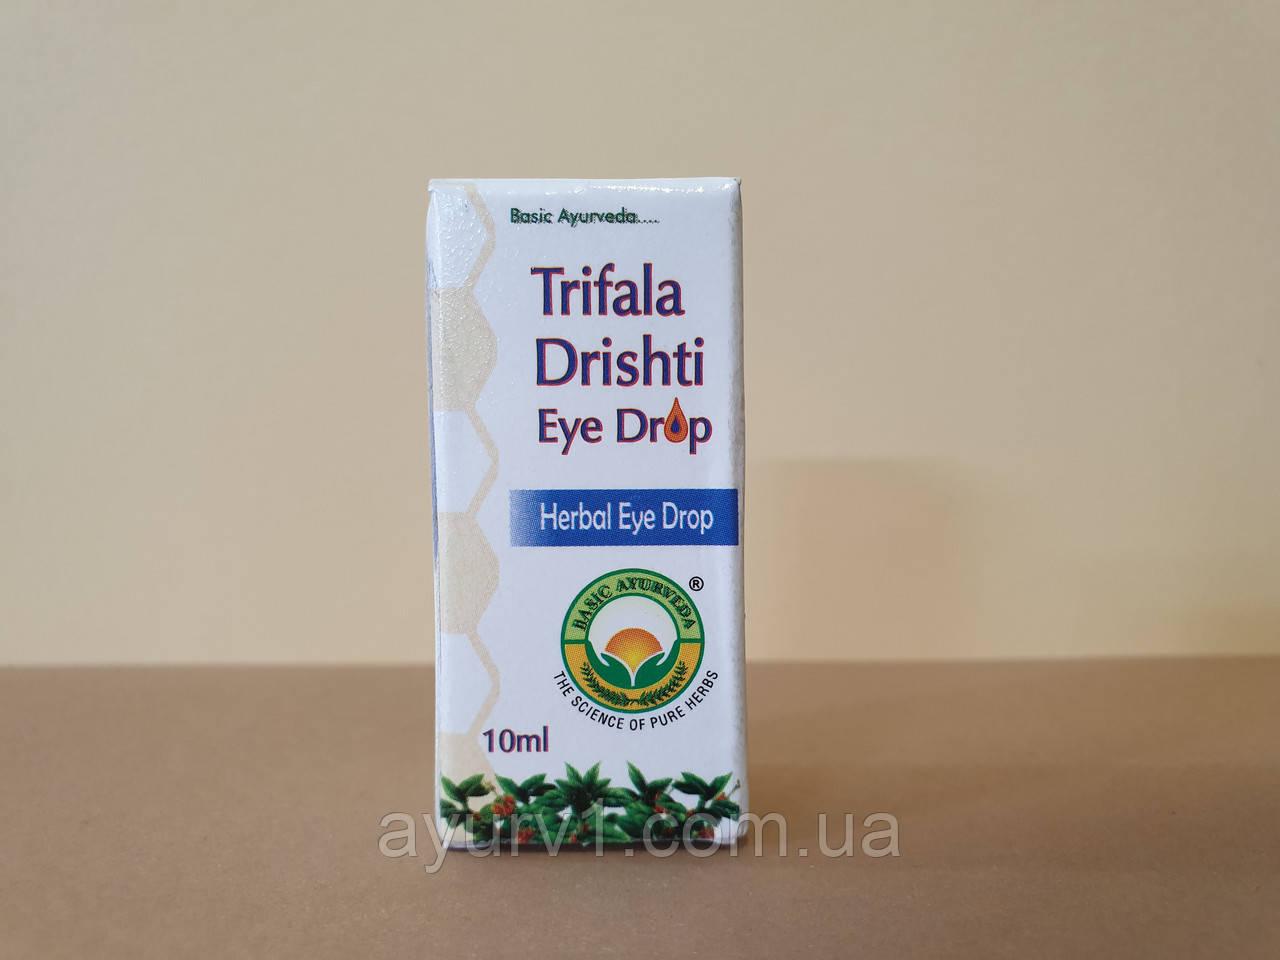 Капли для глаз Трифала дришти / Trifala Drishti Eye Drop / 10 ml